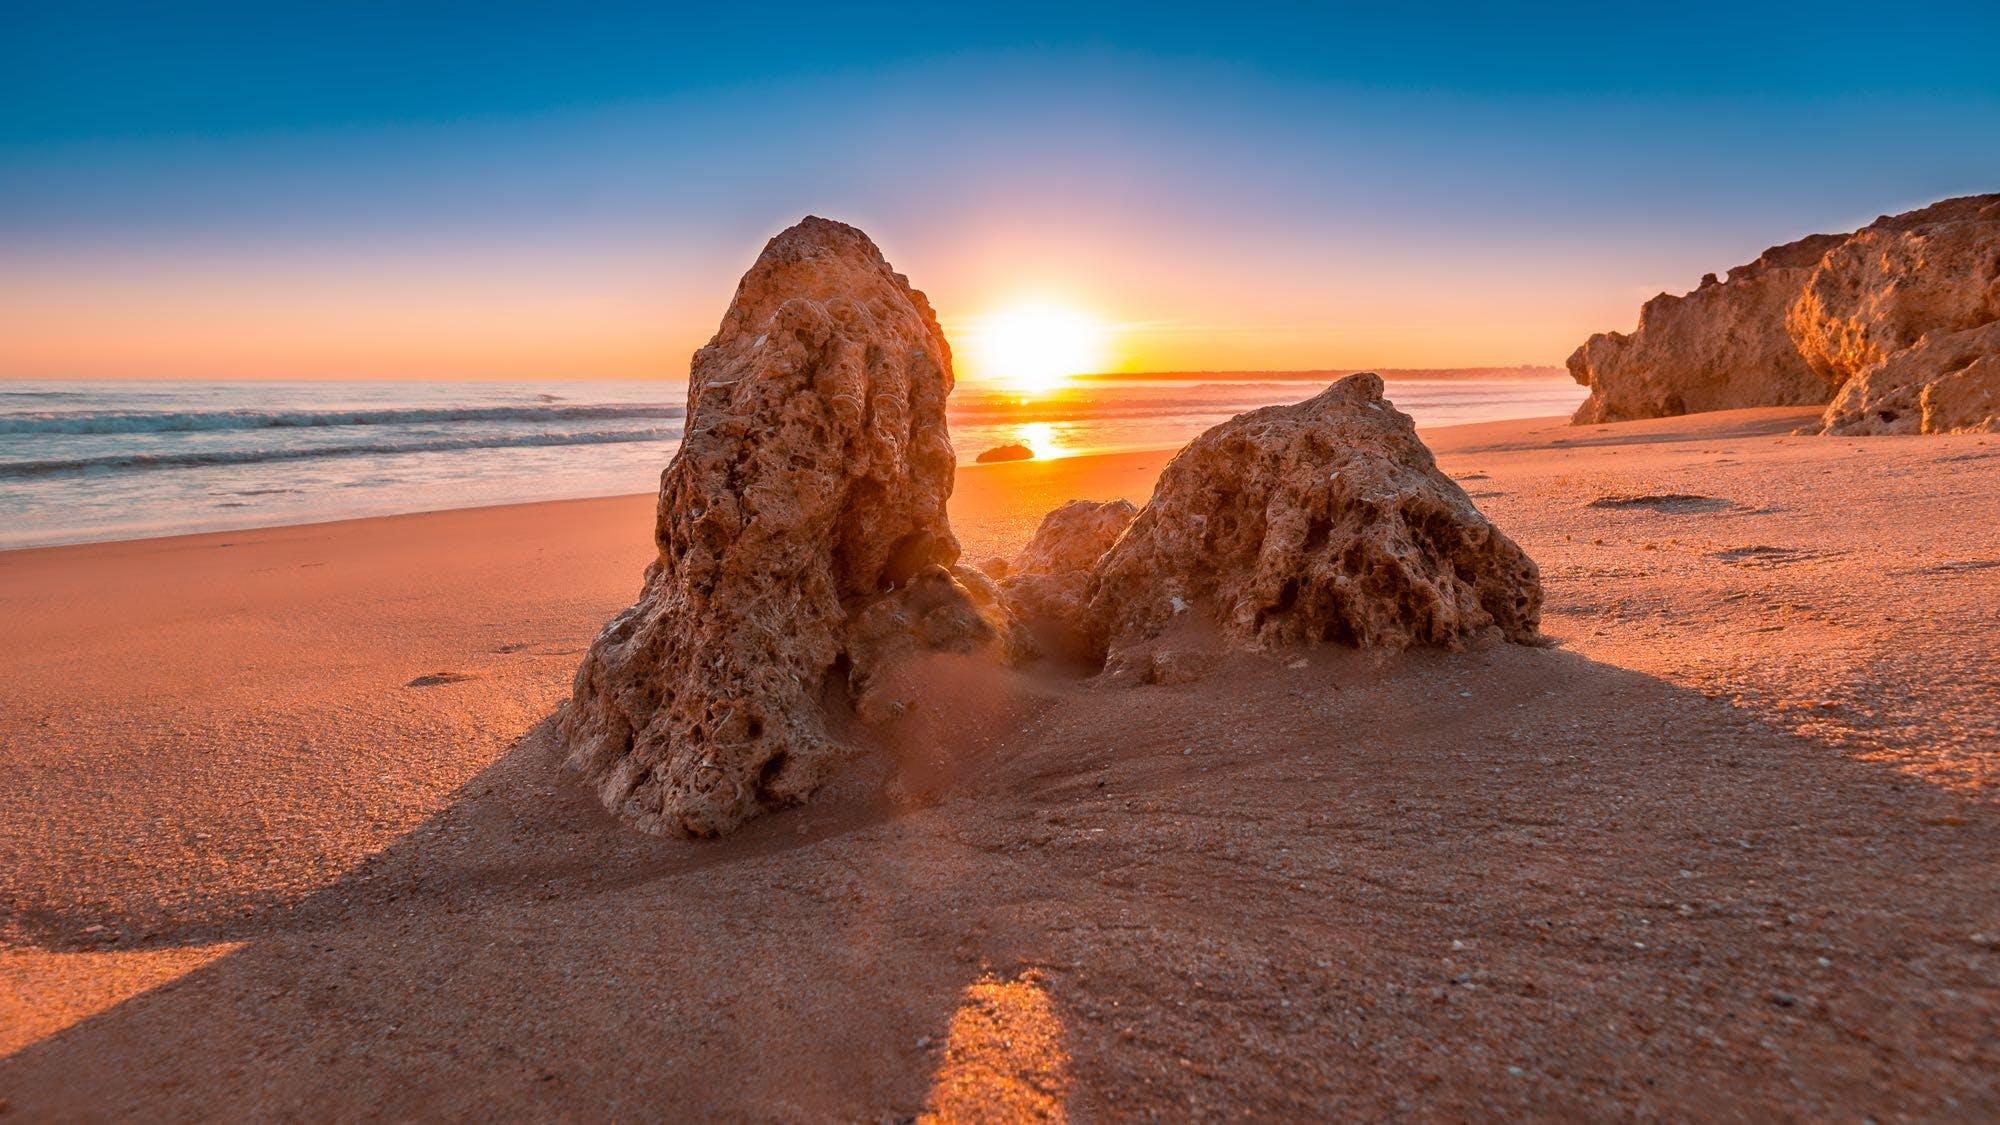 Безкоштовне стокове фото на тему «берег моря, вода, Захід сонця, камені»